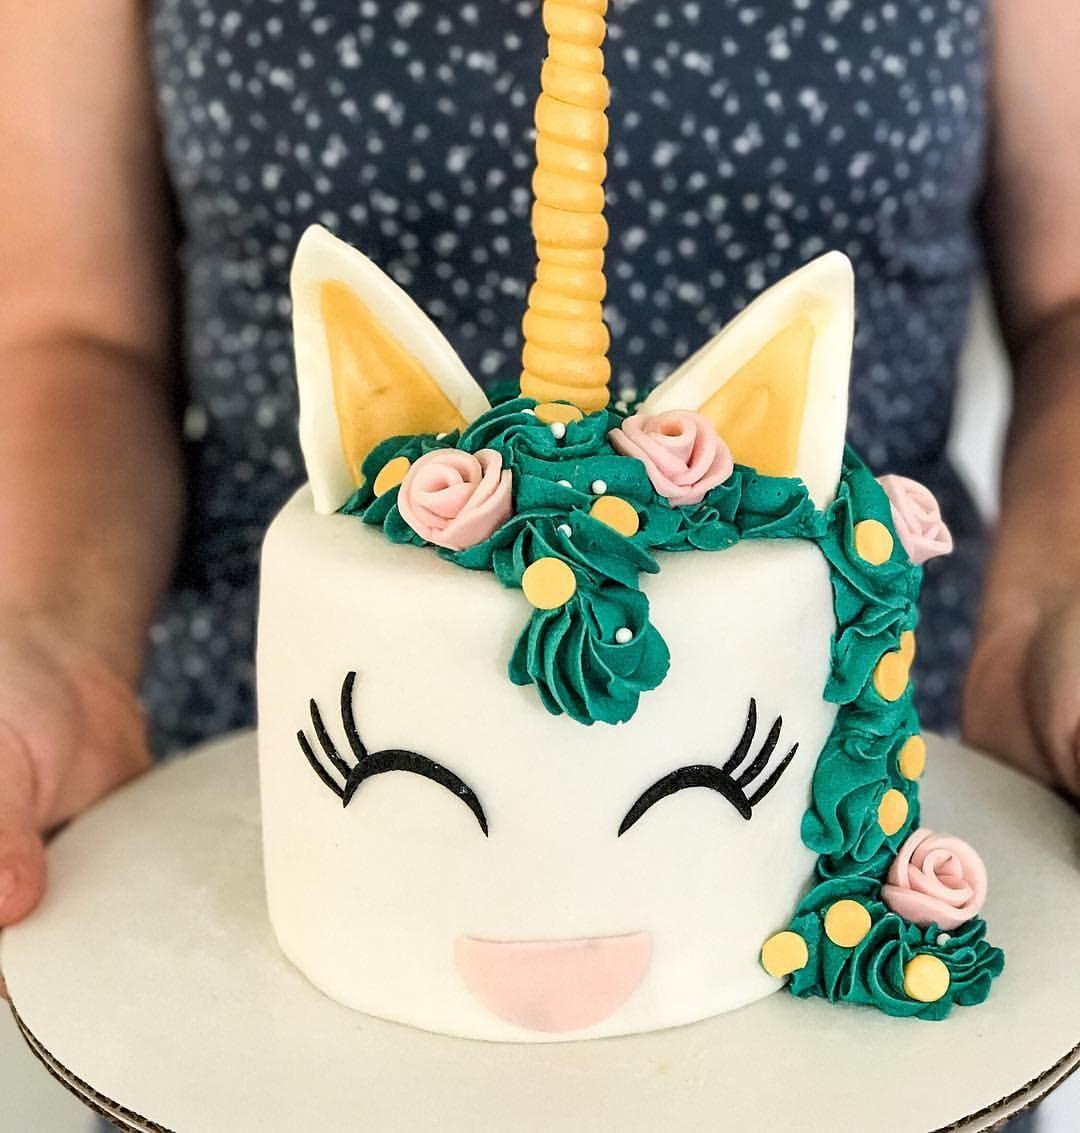 gluten free wedding cakes near me